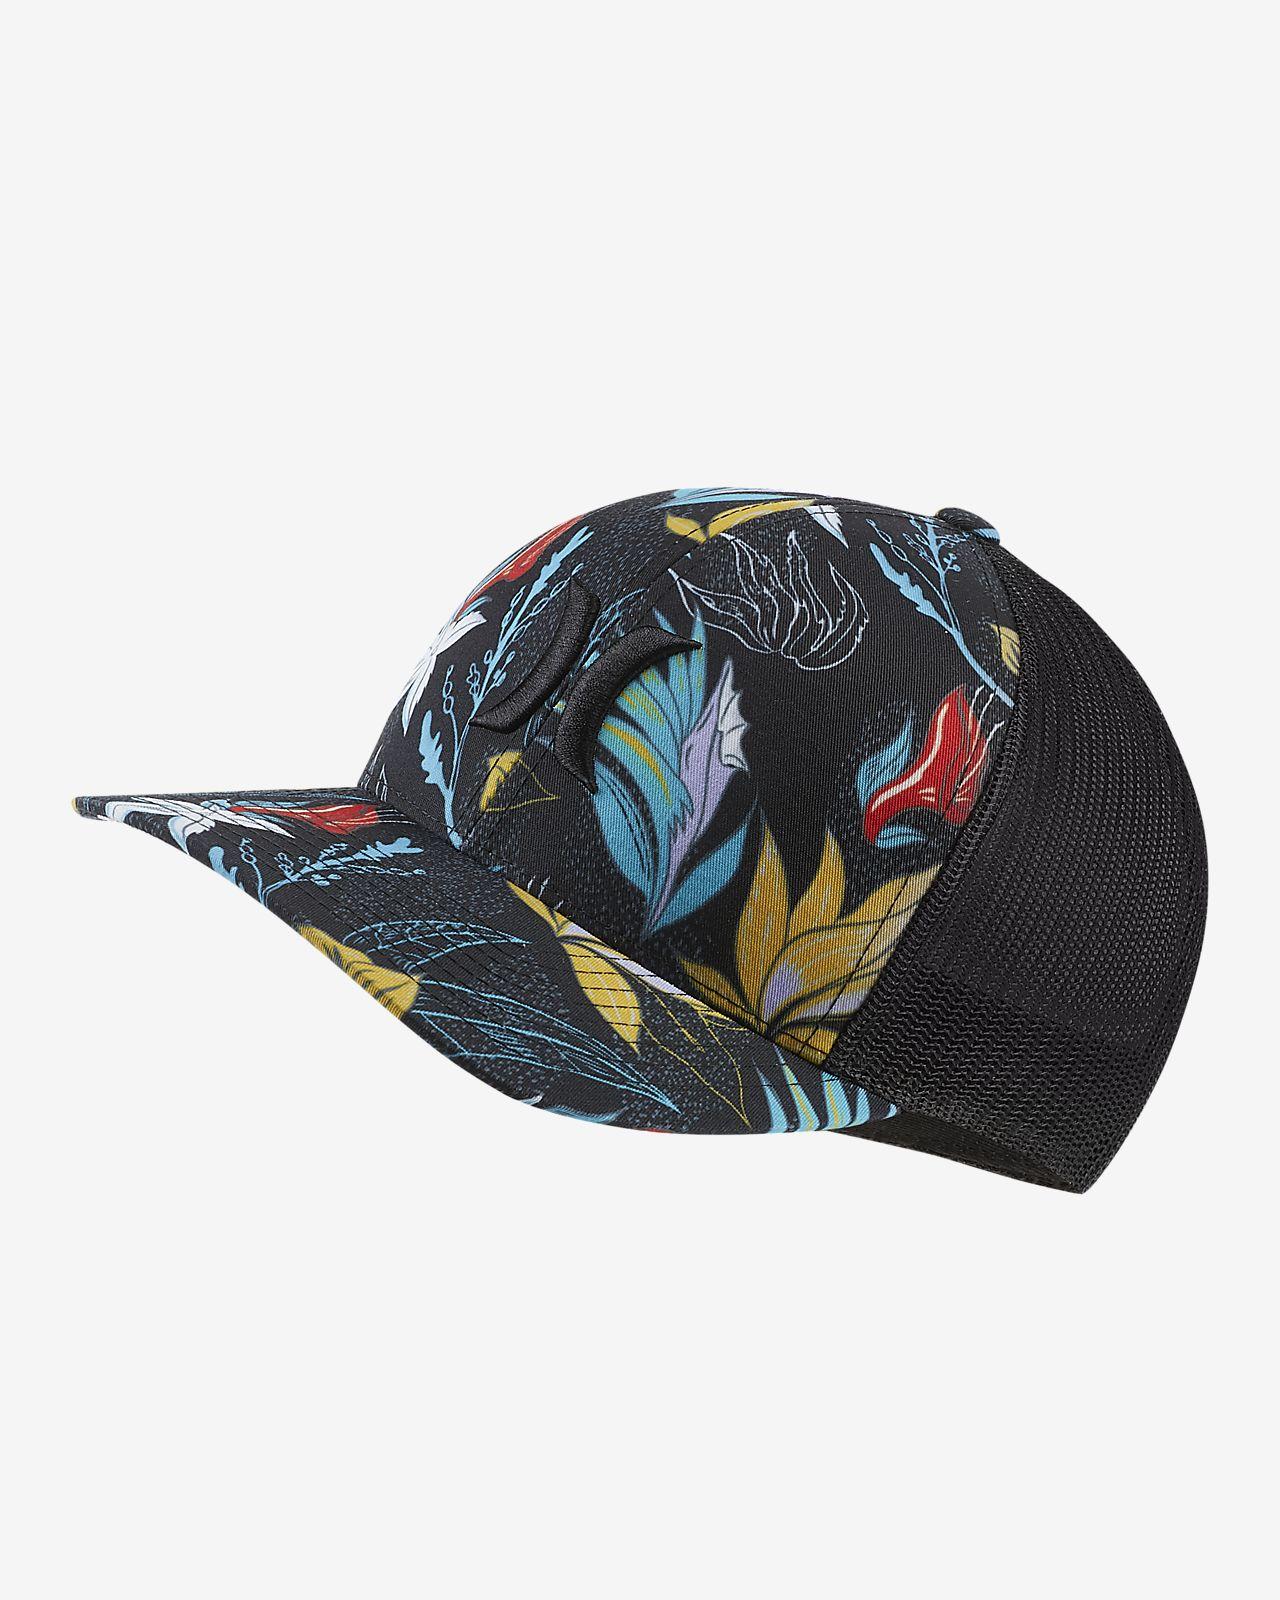 Hurley Domino Trucker Kadın Şapkası